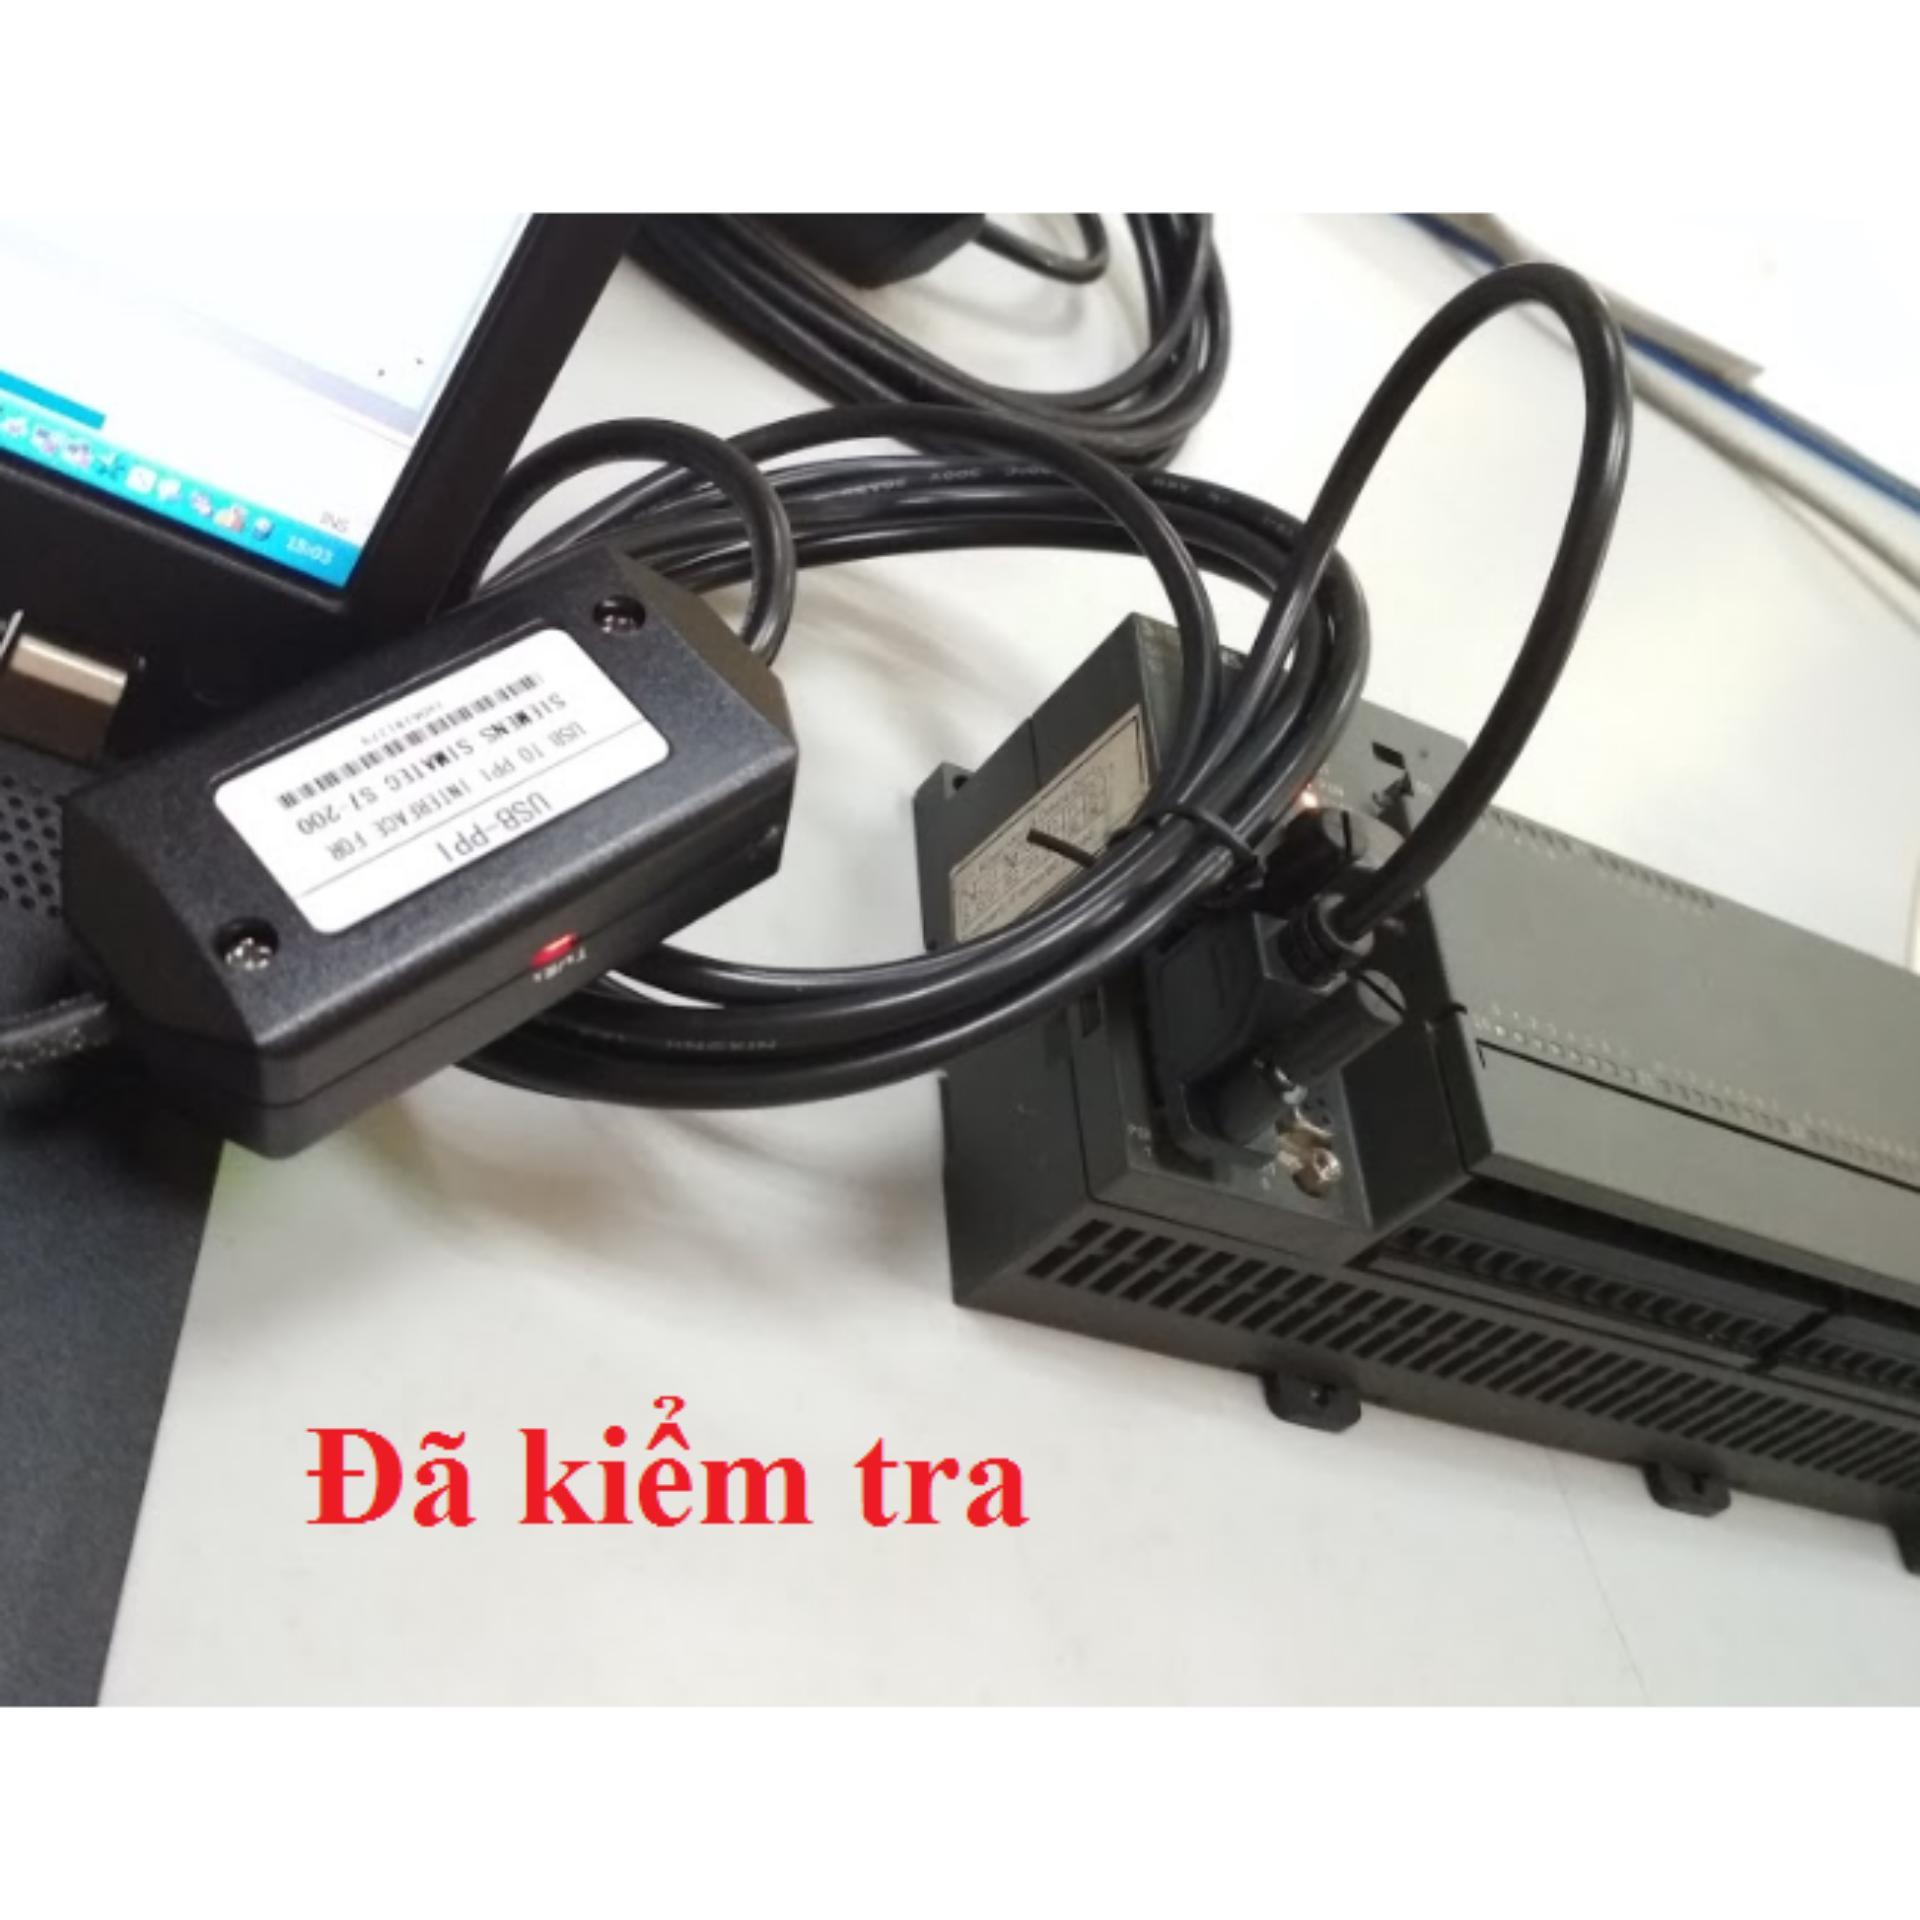 CÁP LẬP TRÌNH S7 200 USB-PPI